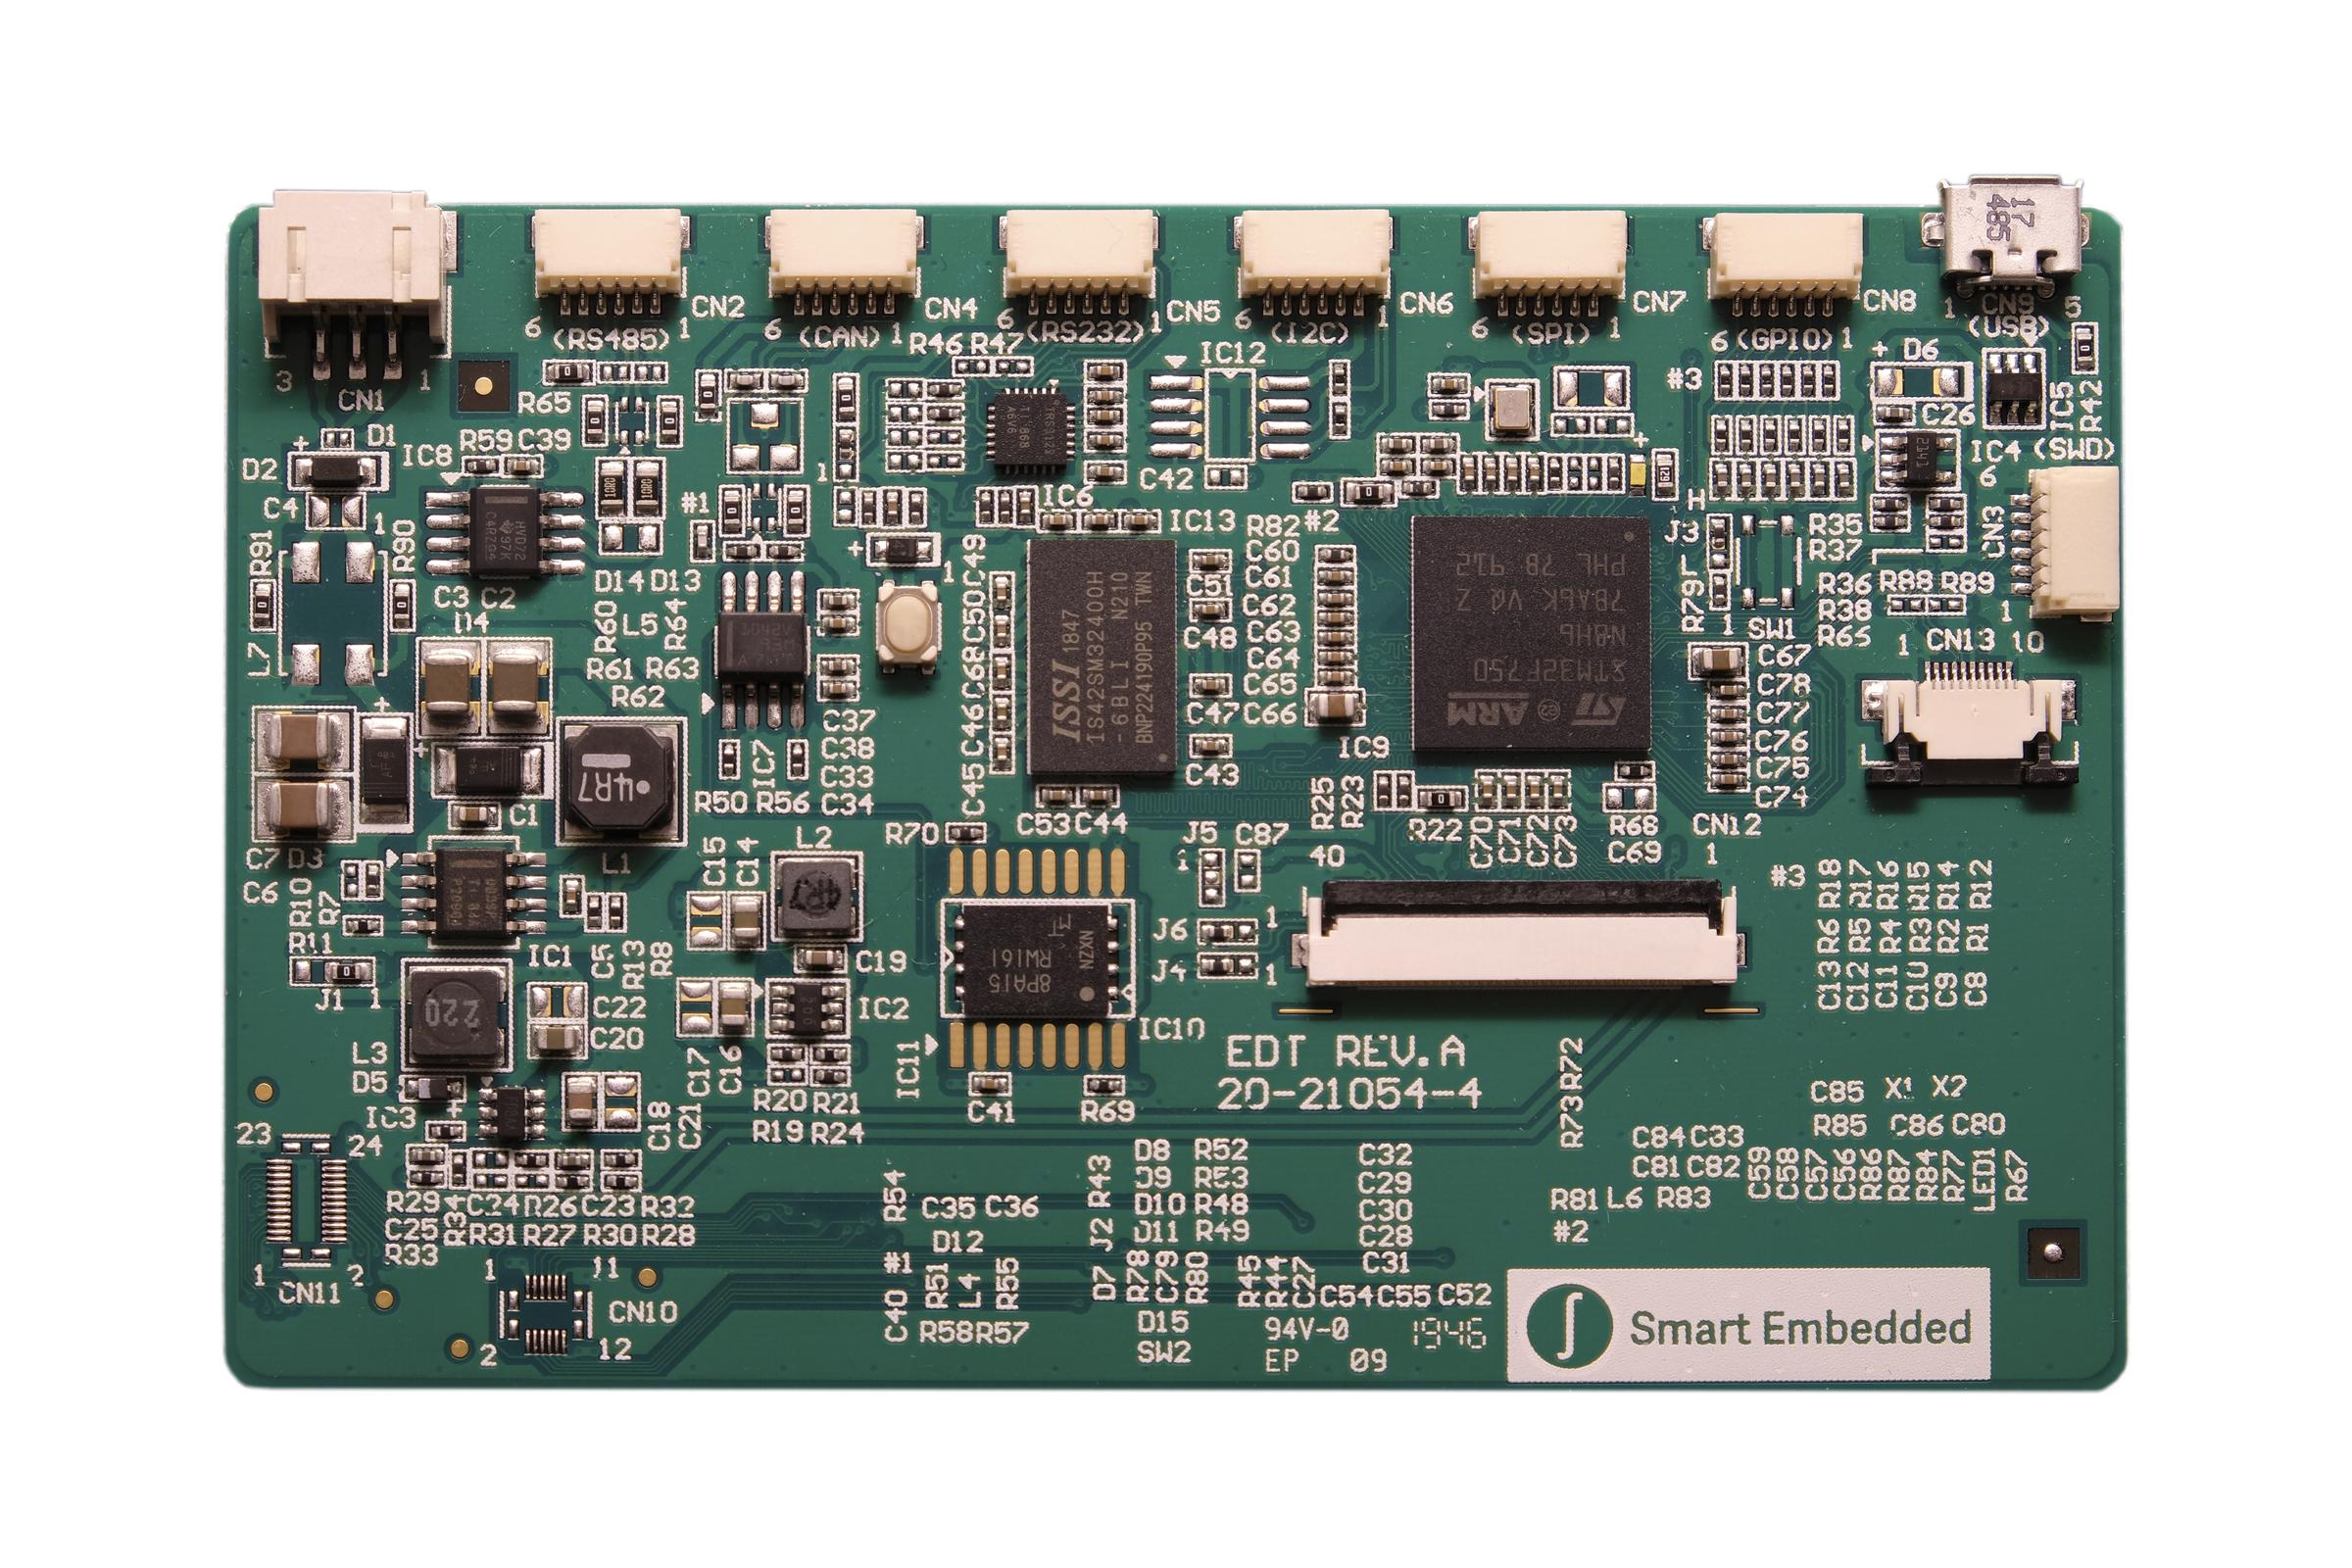 TFT IPS Smart Embedded Board Display